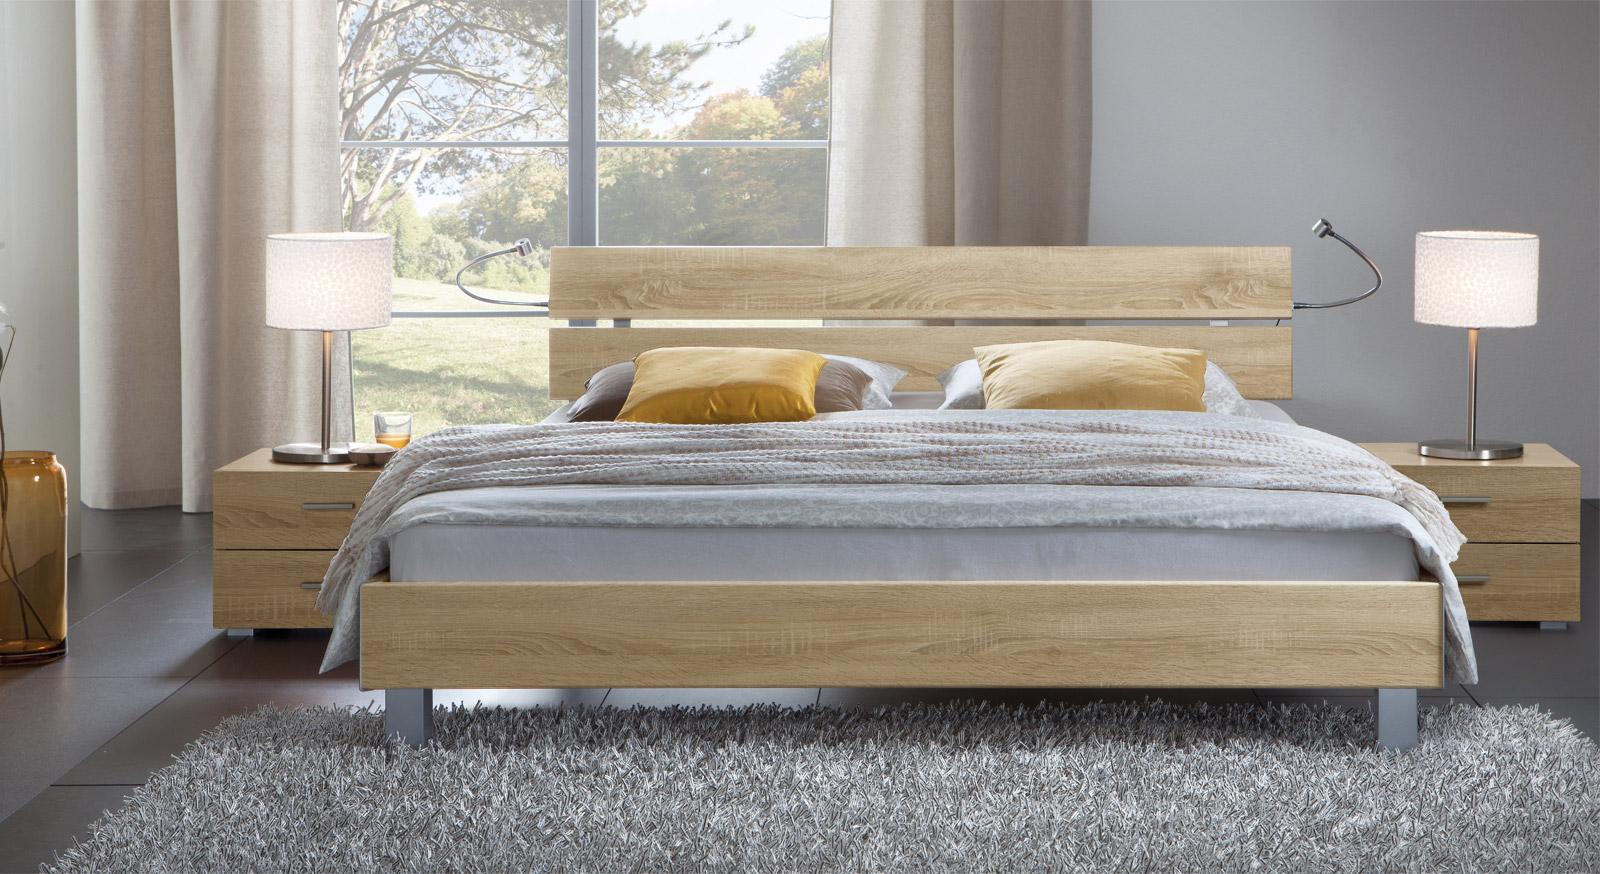 tiefes designer bett online g nstig kaufen treviso. Black Bedroom Furniture Sets. Home Design Ideas